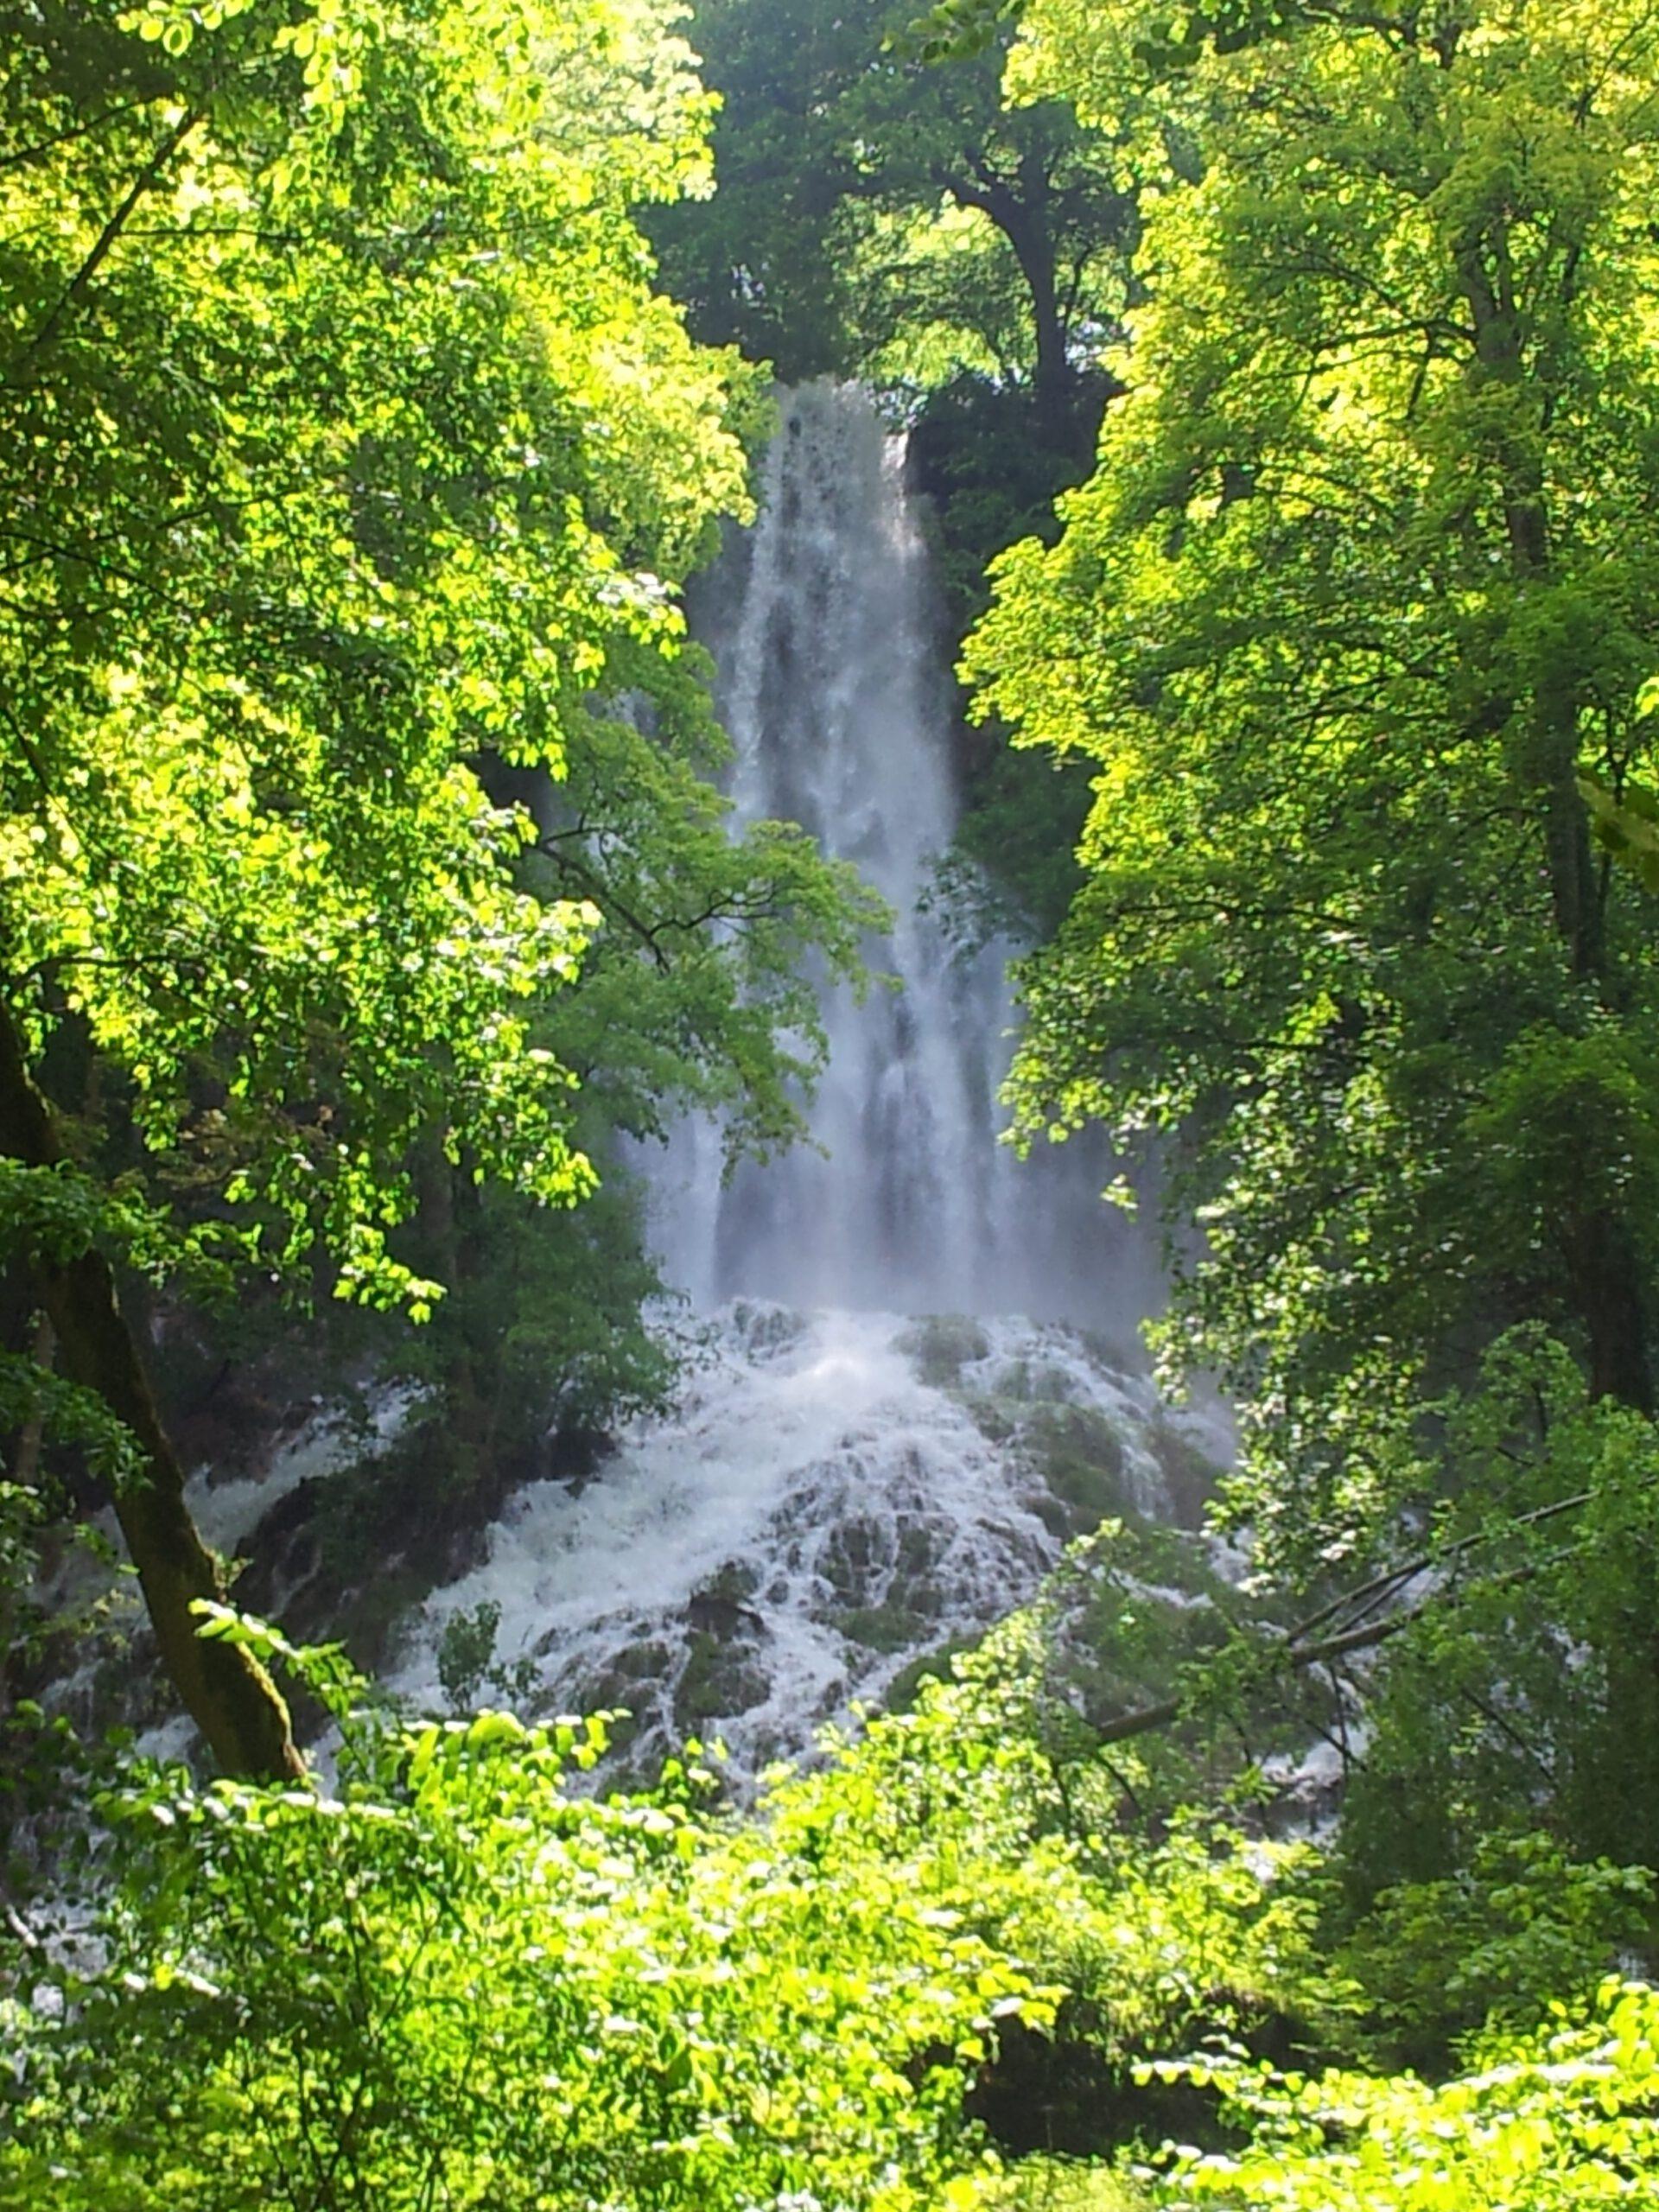 Wer um die Wasserfälle Bad Urach wandern geht, der bekommt einiges geboten! r zum Wandern, sondern auch zum Duschen ein